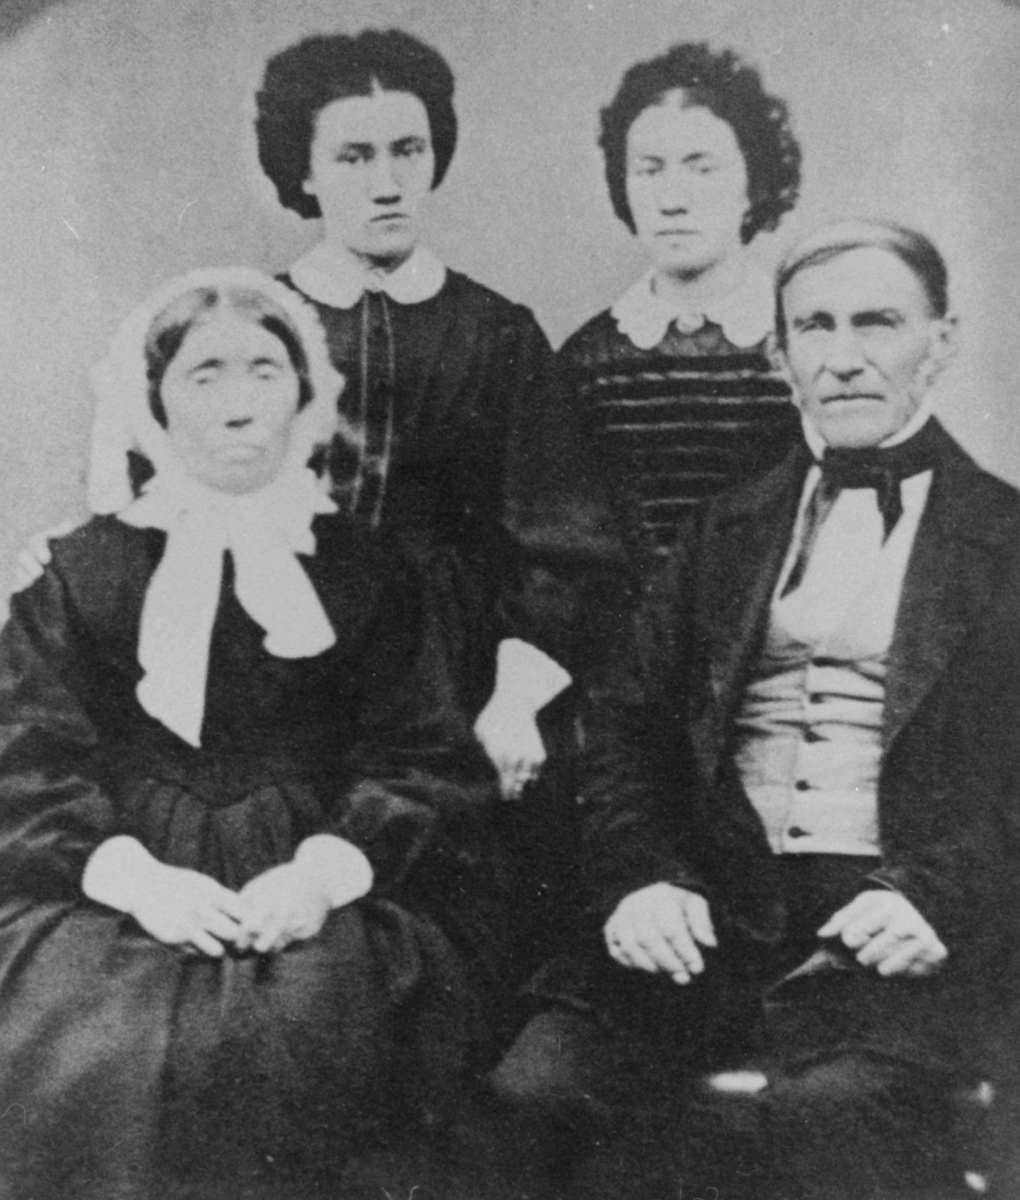 Bildet viser Andreas Esbensen 2. med kone Erike Lorenze og dødrene Grethe Sophie og Erikke Andrea, som giftet seg med handelsmann Johan Dahl.